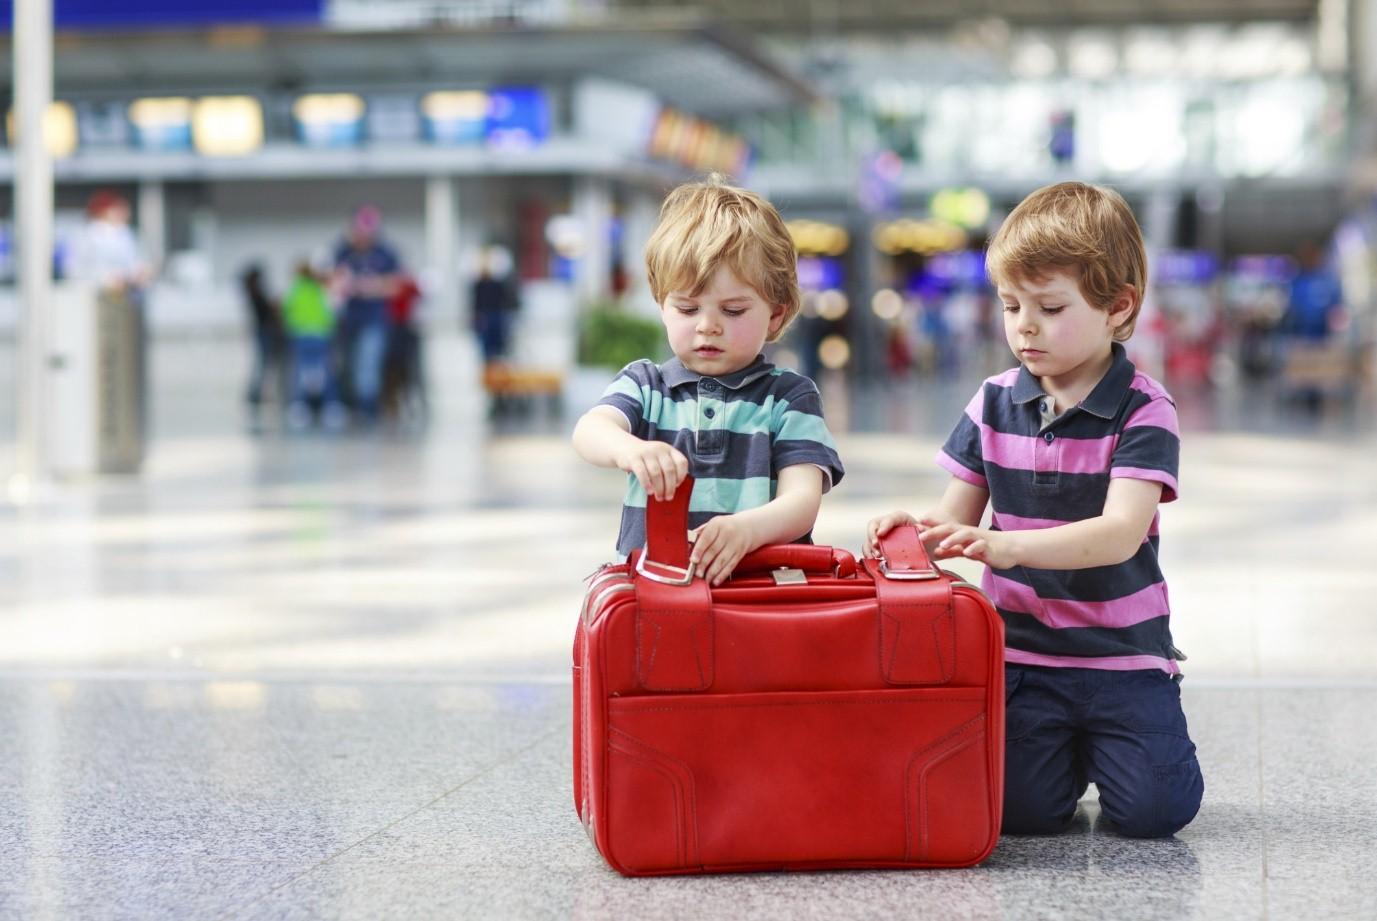 برای کودکتان کیسه هواپیما تعبیه کنید و با آن او را غافلگیر کنید